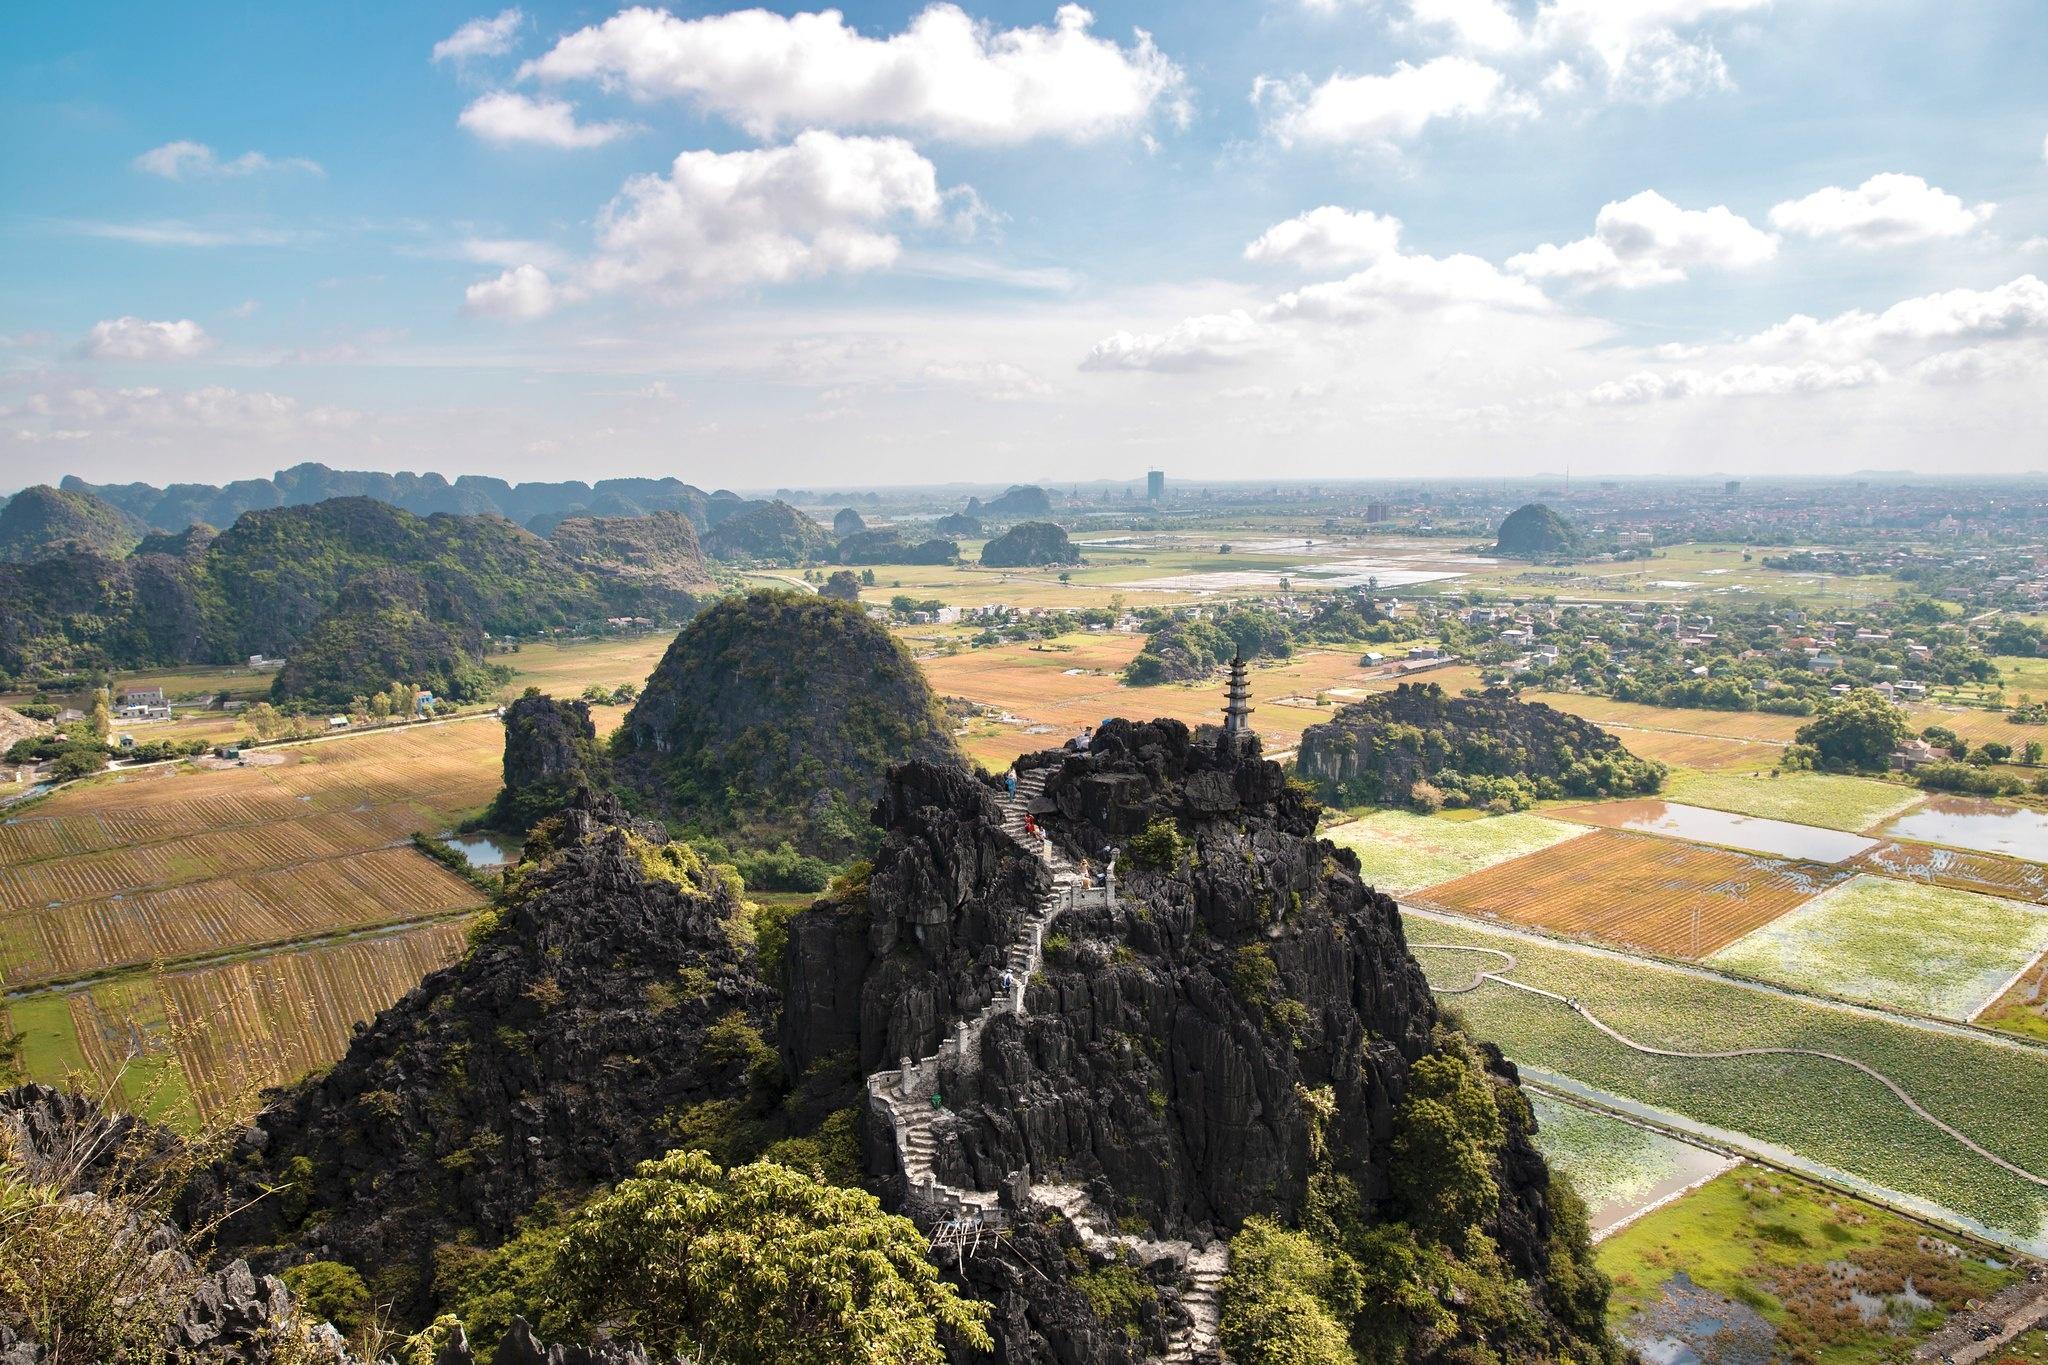 Cảnh đẹp ở cánh đồng sen Ninh Bình - Ảnh 14.